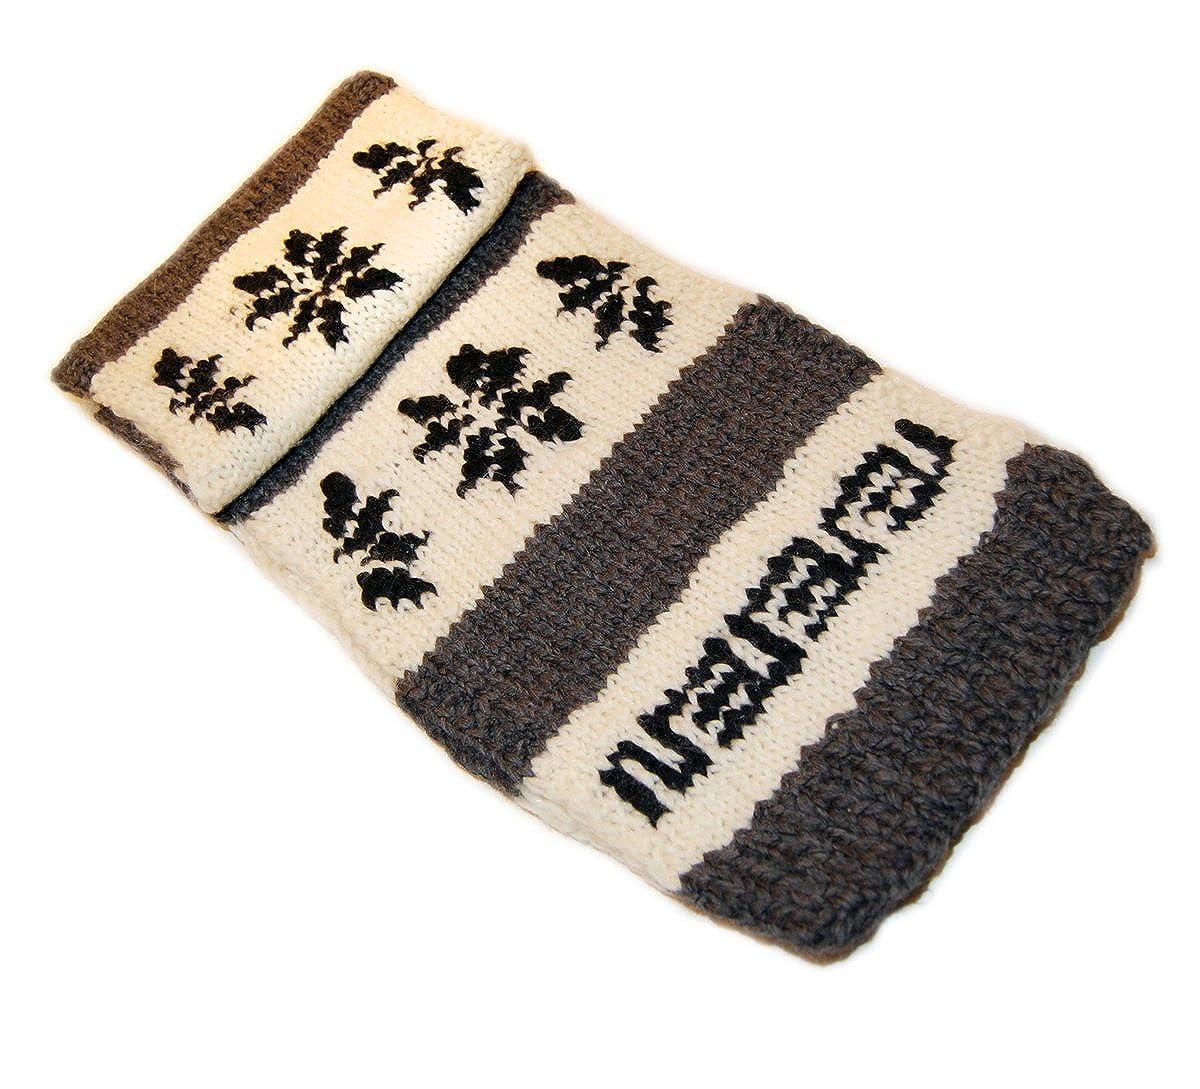 Ralph Lauren Polo Bufanda gruesa de lana india para hombre y mujer ...